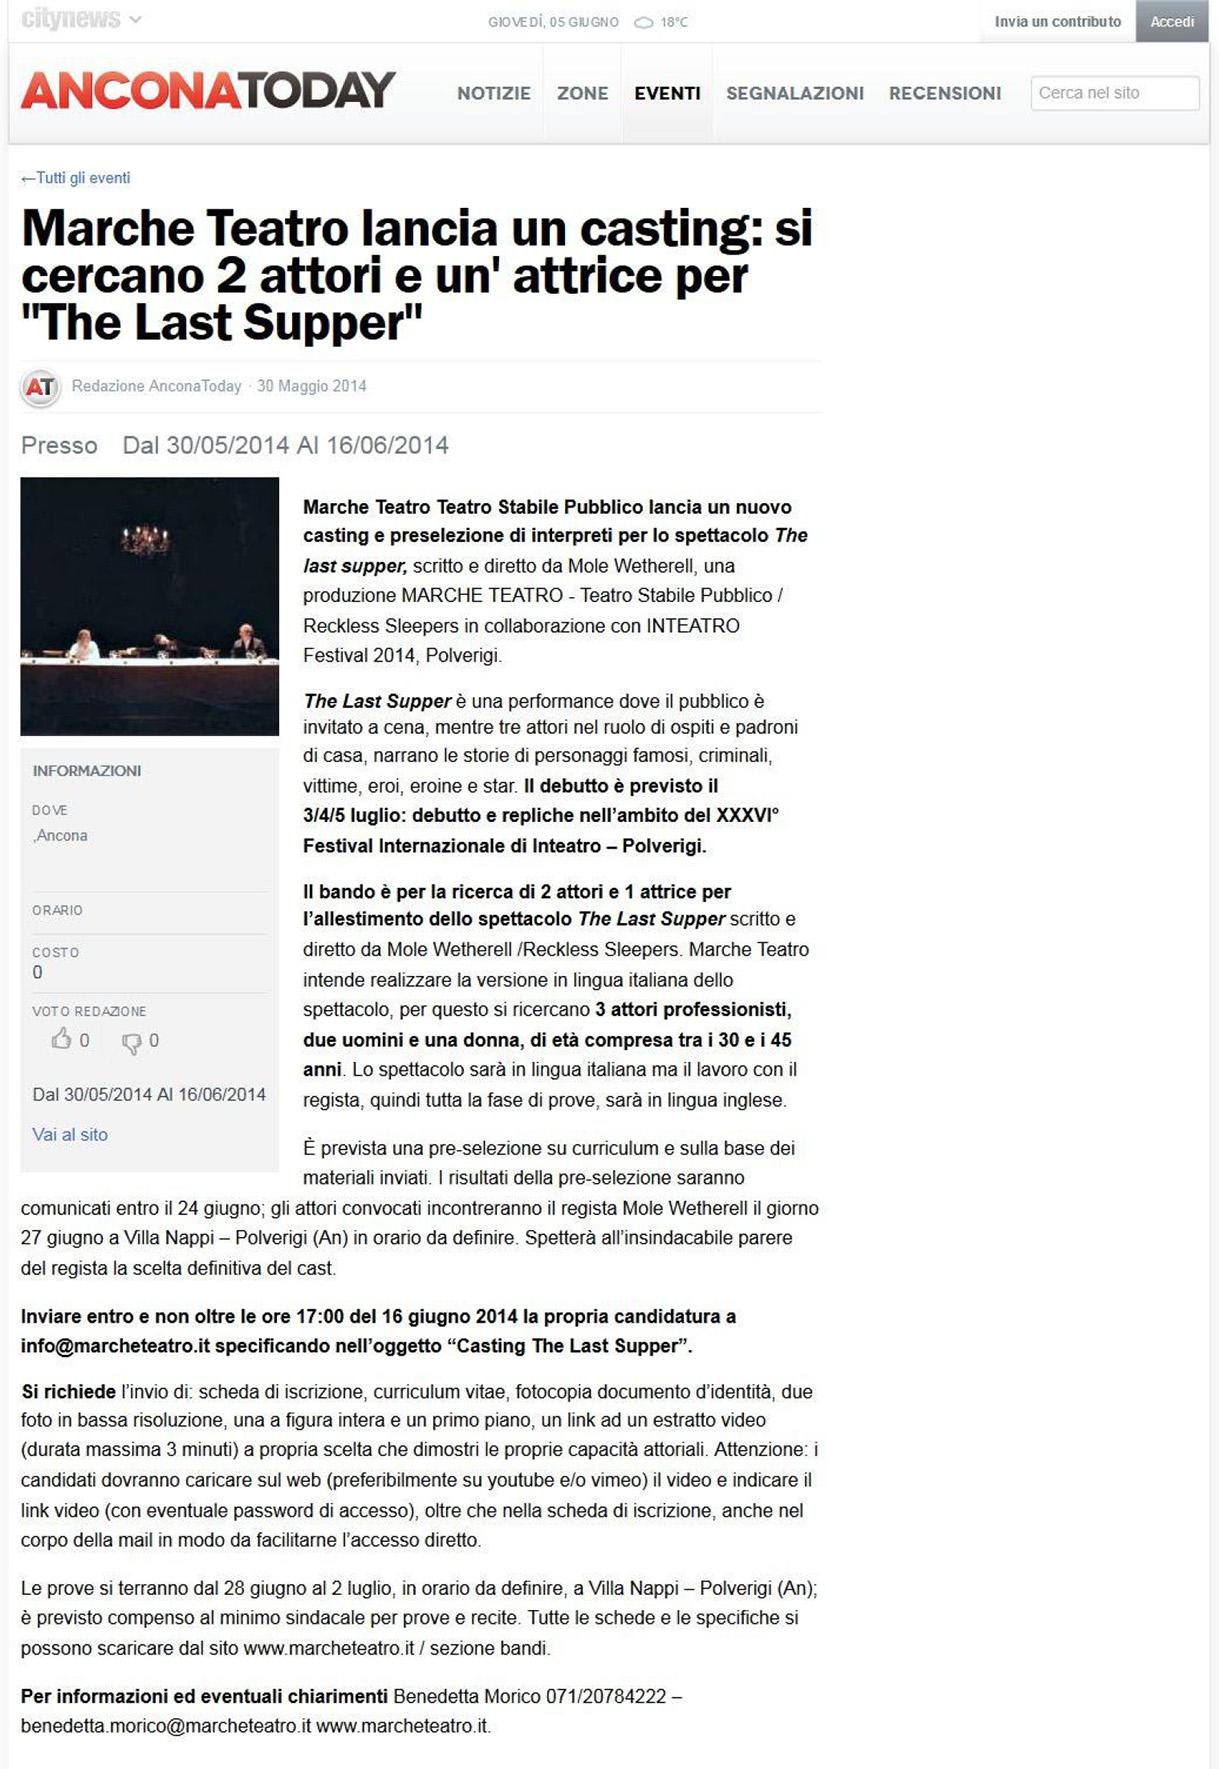 2014.05.30 Si cercano 2 attori e un'attrice per 'The Last Supper' - anconatoday.it